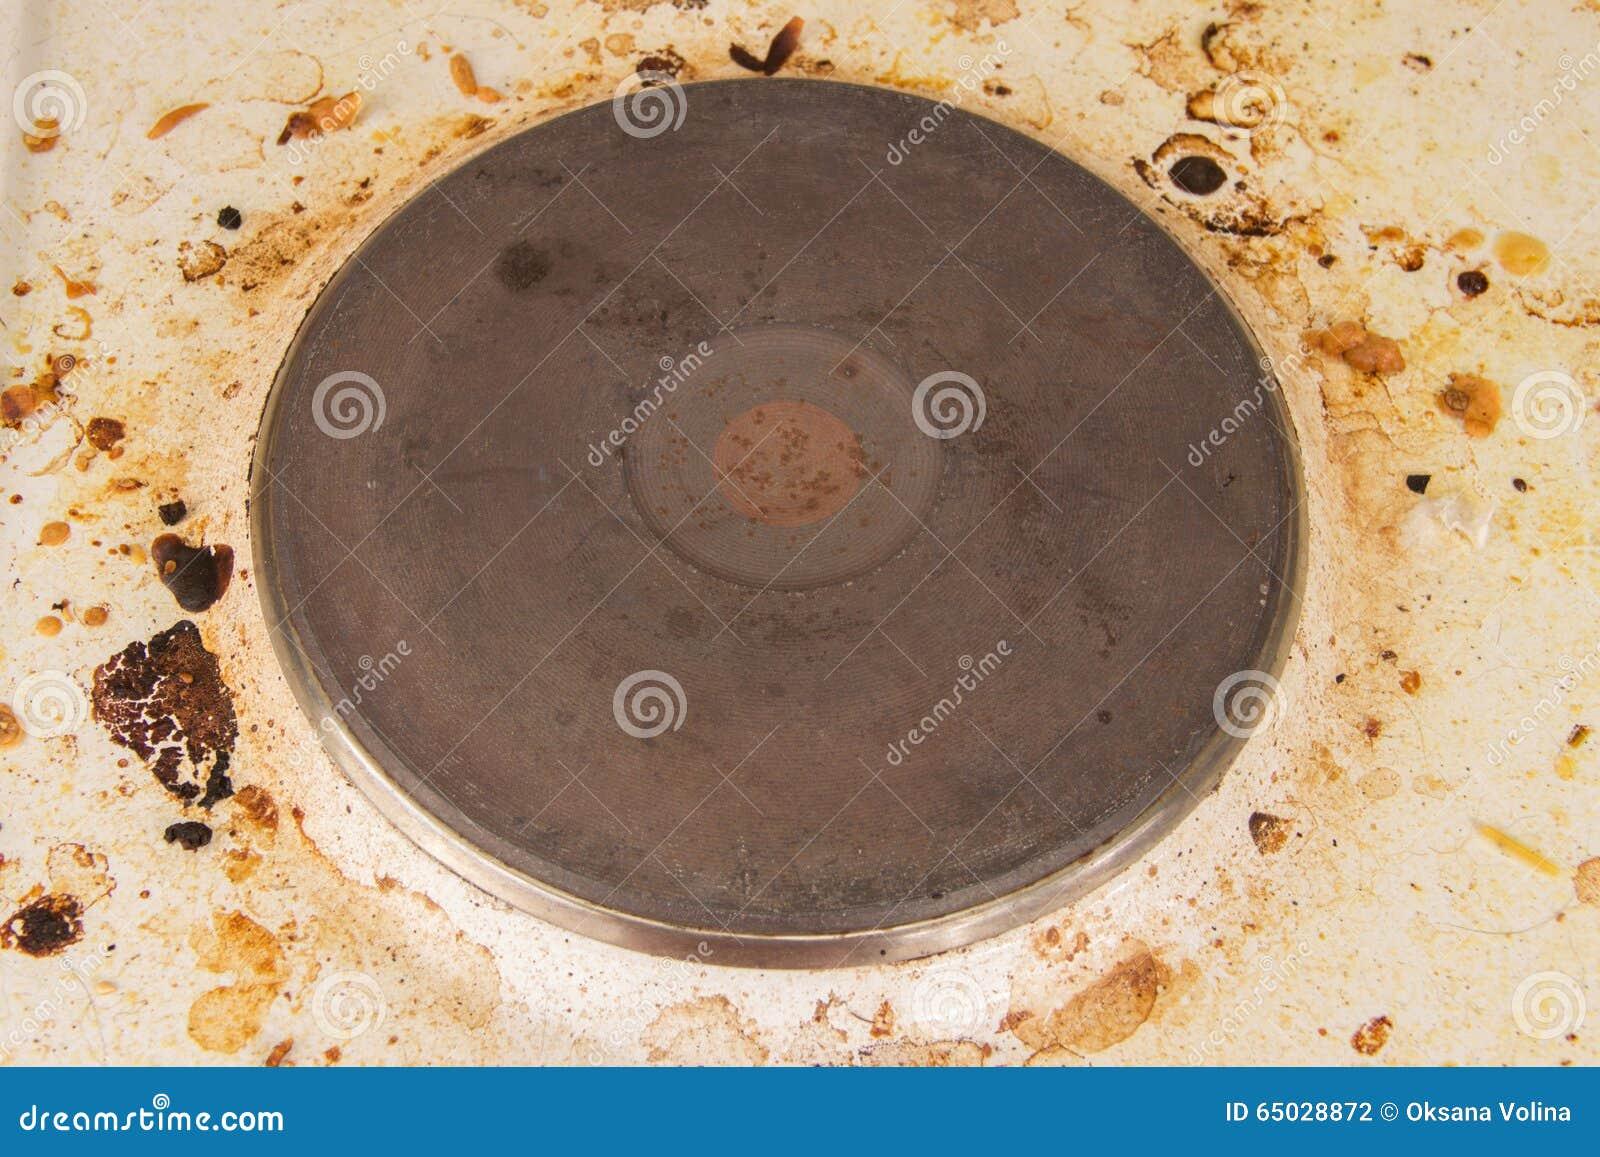 Limpiar cocina muy sucia stunning limpiar cocina muy - Como limpiar paredes blancas muy sucias ...